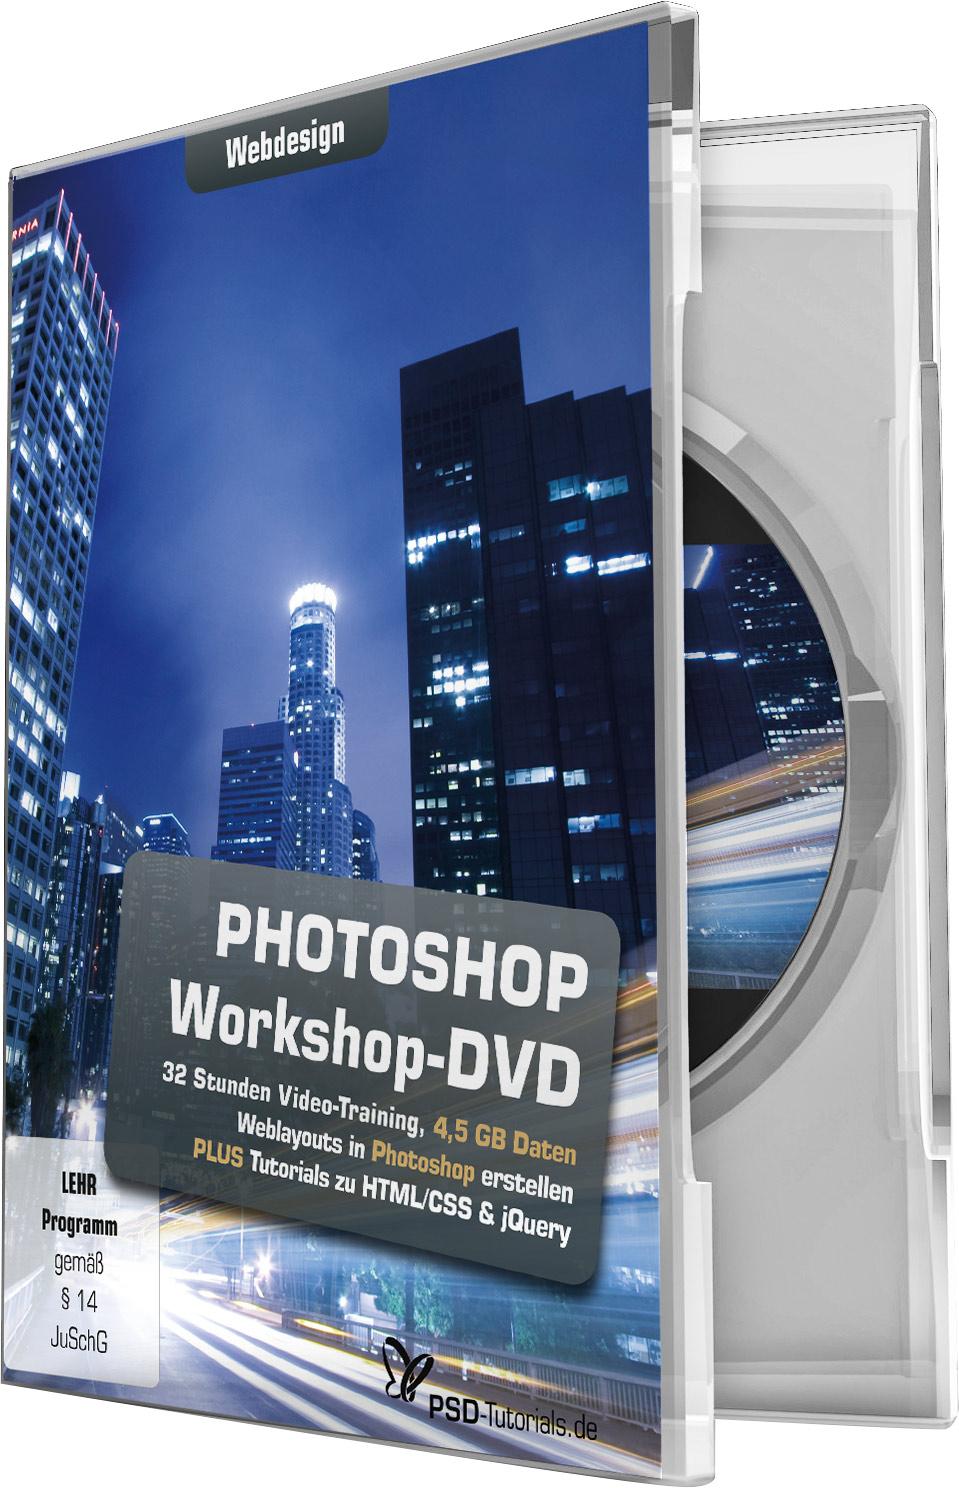 photoshop workshop dvd webdesign psd shop. Black Bedroom Furniture Sets. Home Design Ideas